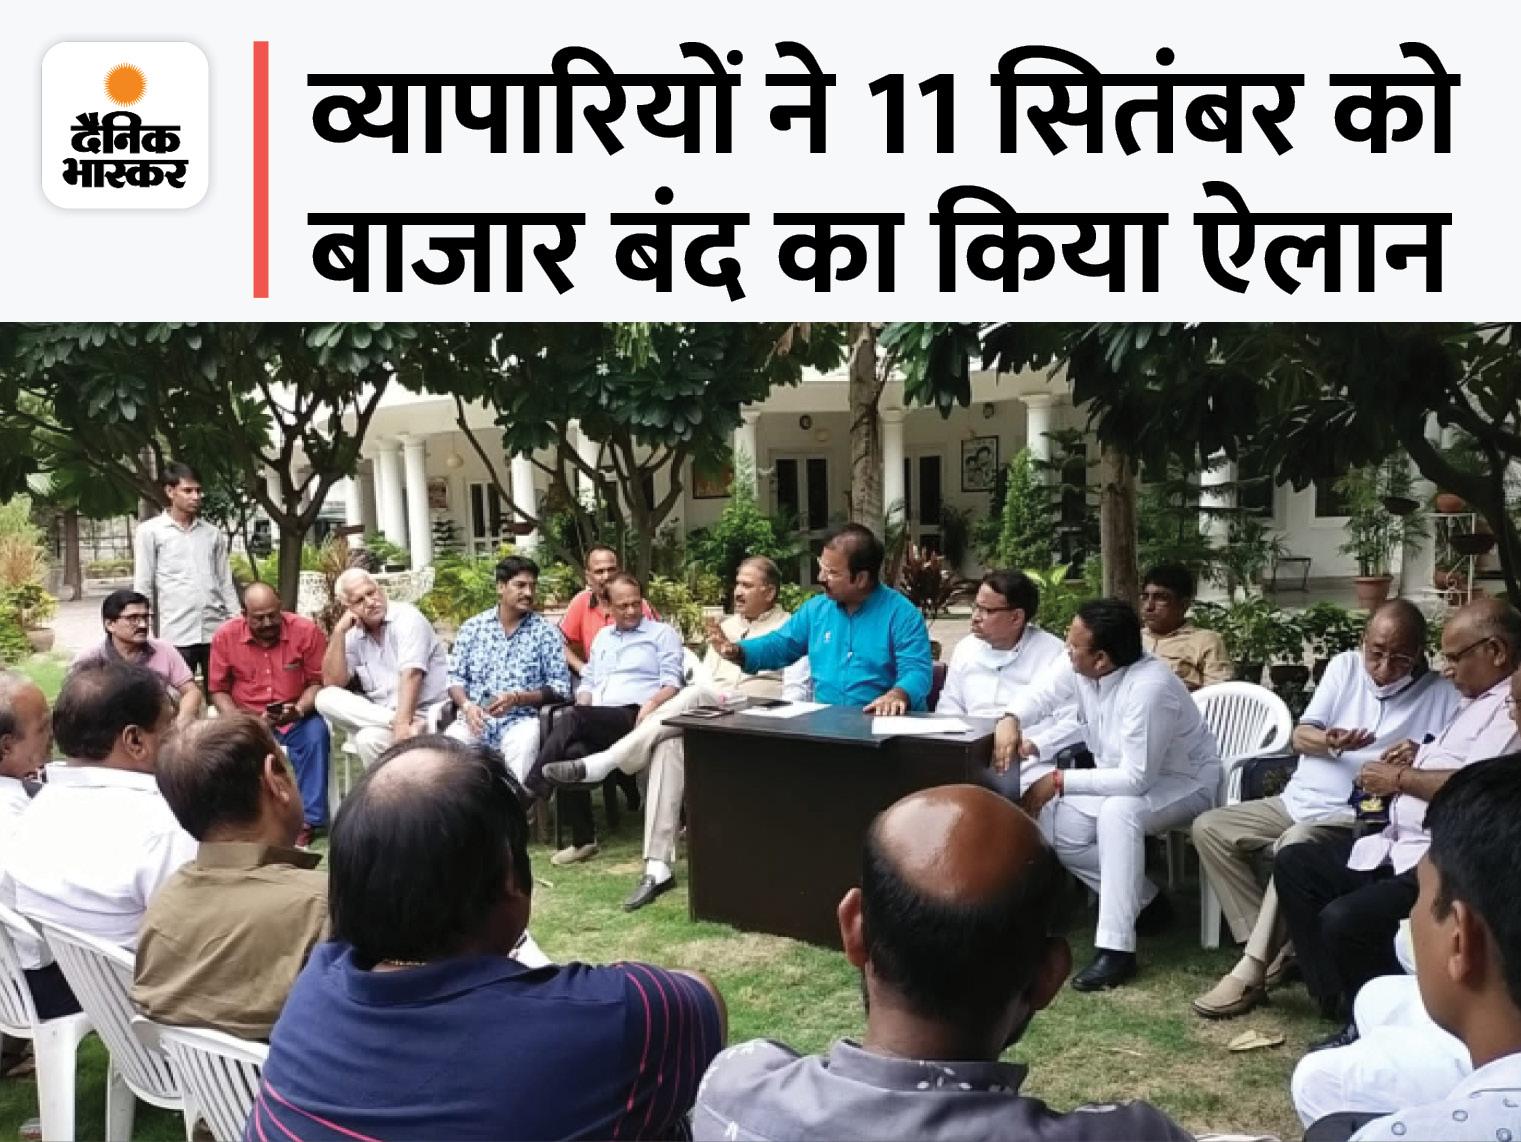 जयपुर में व्यापारियों से बोले- लागू नहीं होने देंगे, 11 को बंद पर अड़े और कहा- आपके आश्वासन पर नहीं, ऑर्डर पर भरोसा राजस्थान,Rajasthan - Dainik Bhaskar